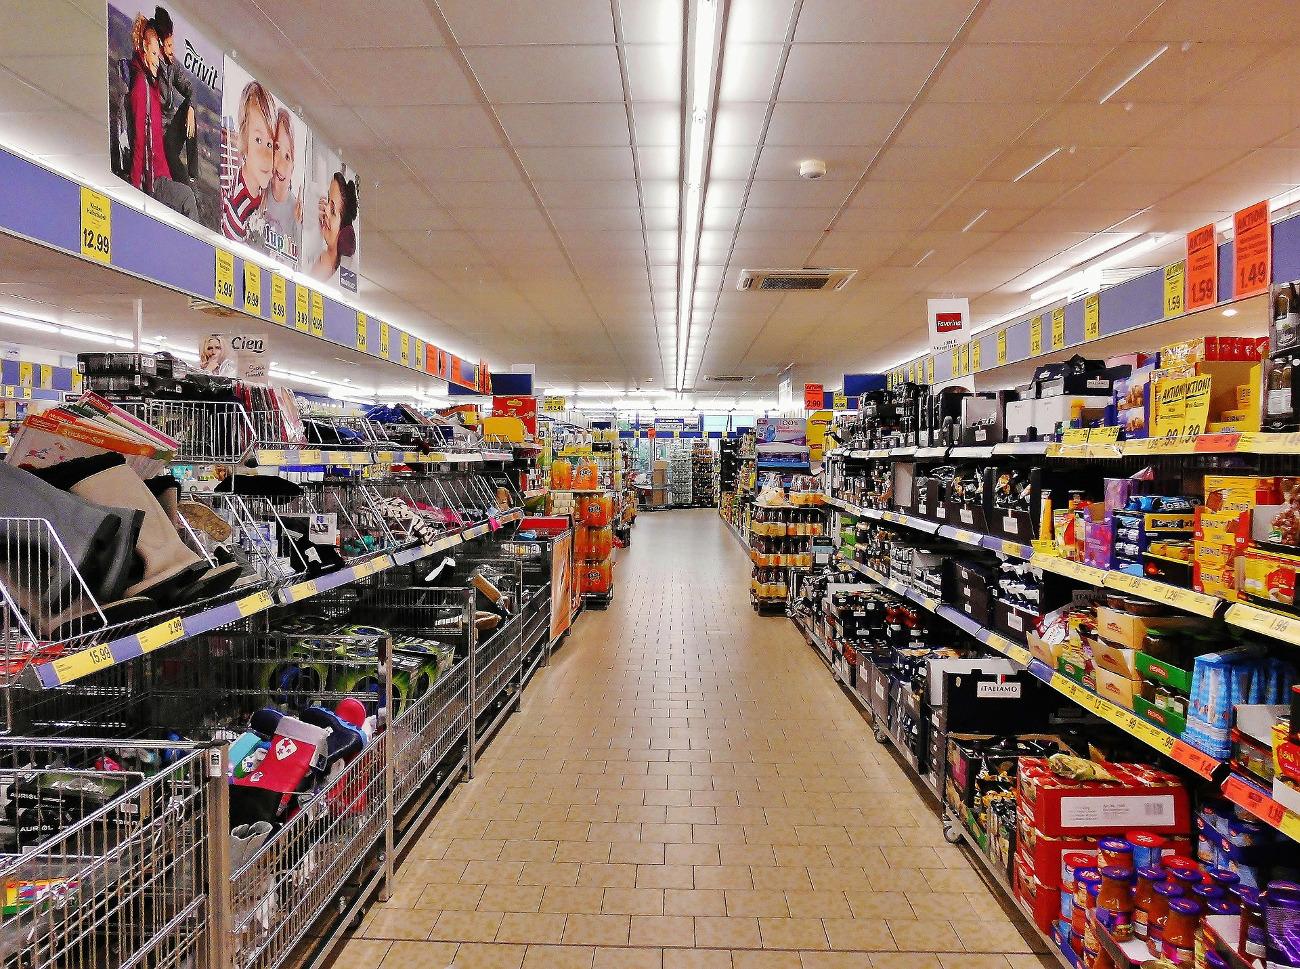 Realizan la primera base de datos sobre la composición de productos que no tienen gluten